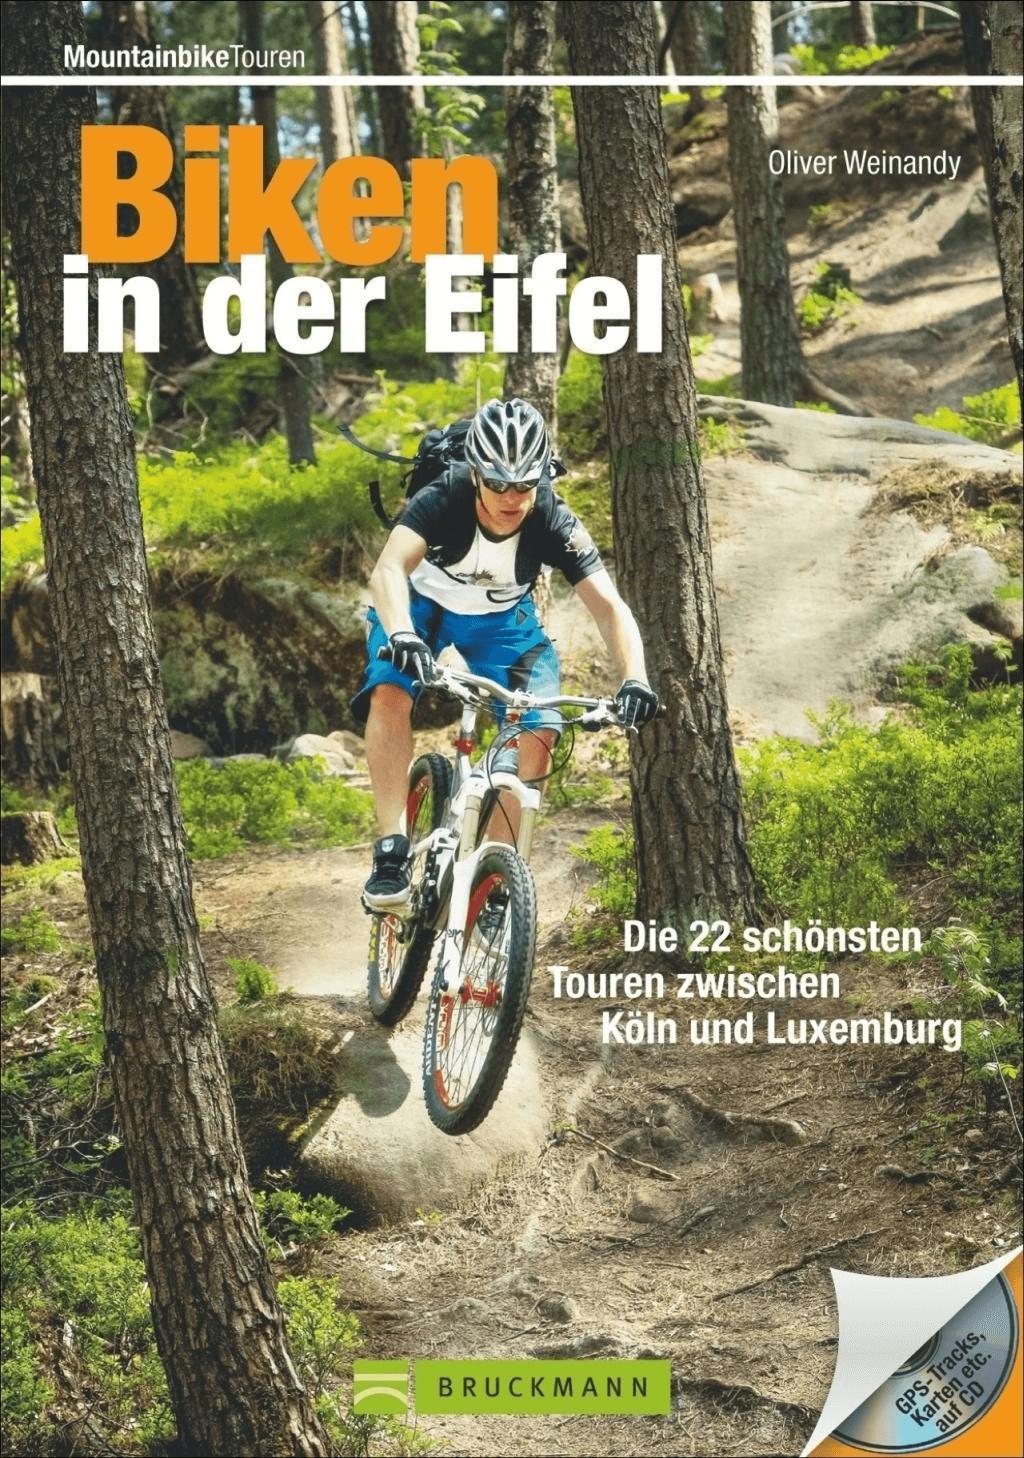 Biken in der Eifel (Weinandy, Oliver)